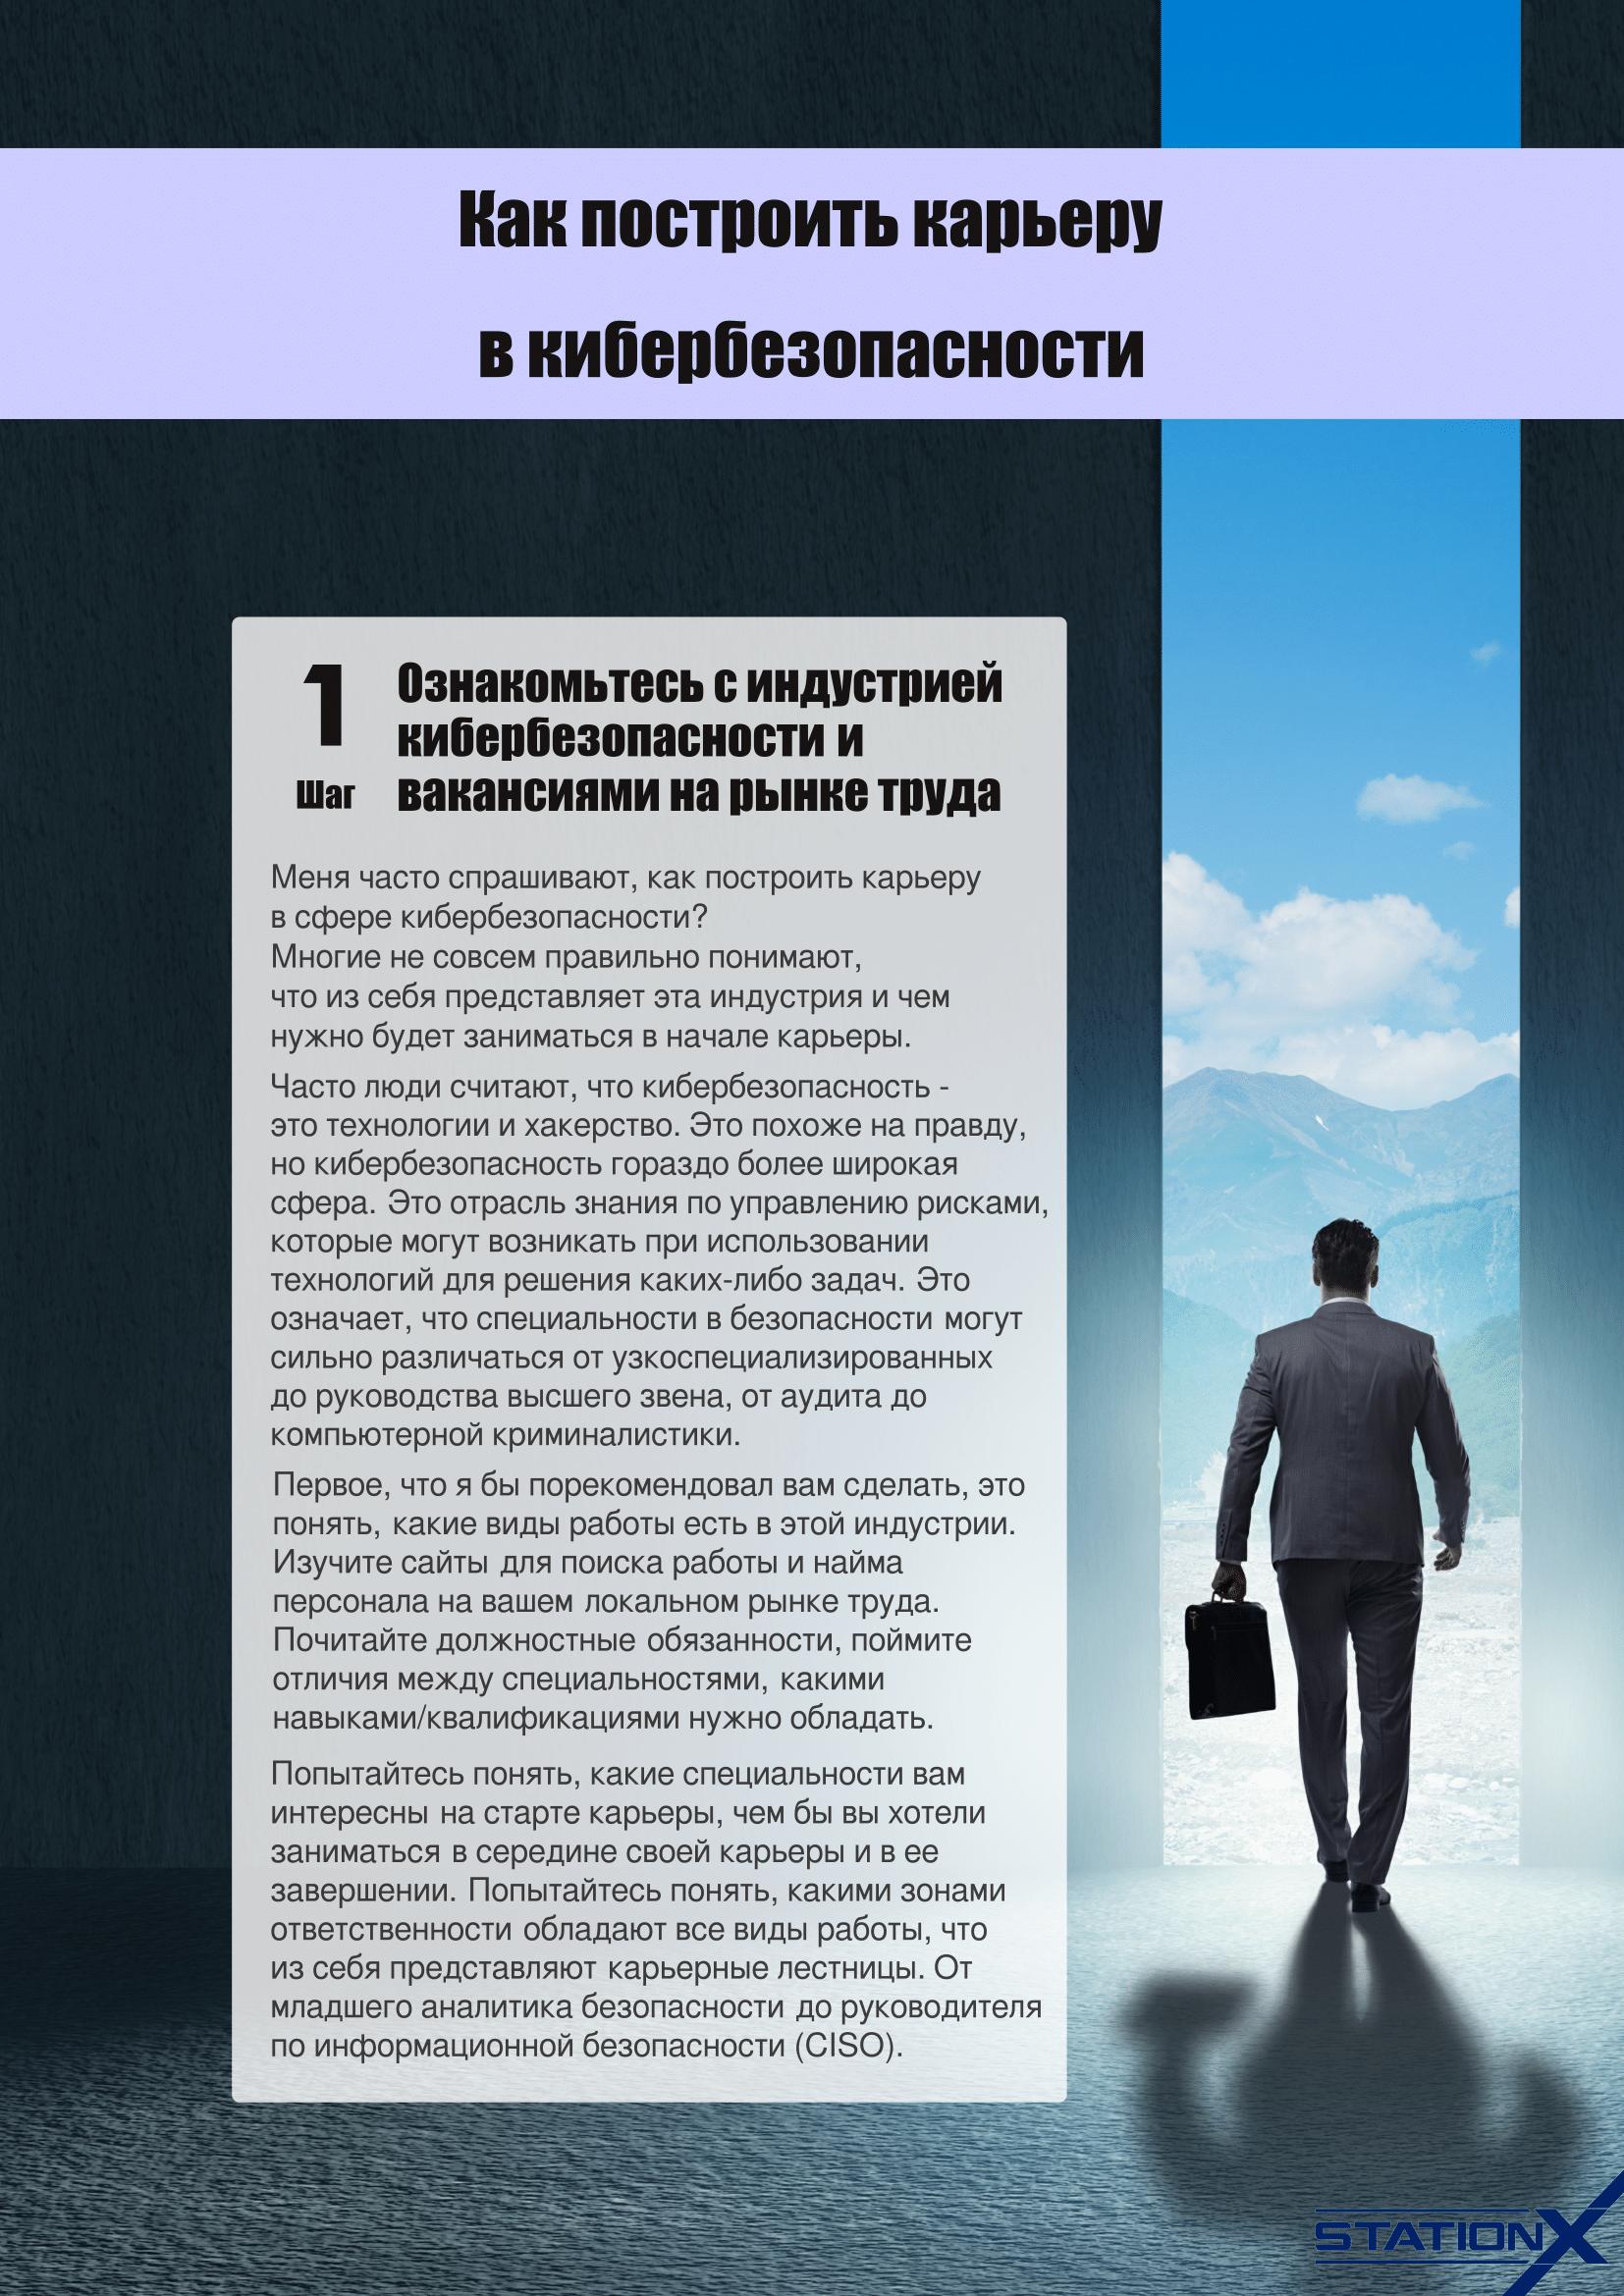 Как_построить_карьеру_в_кибербезопасности-1.png